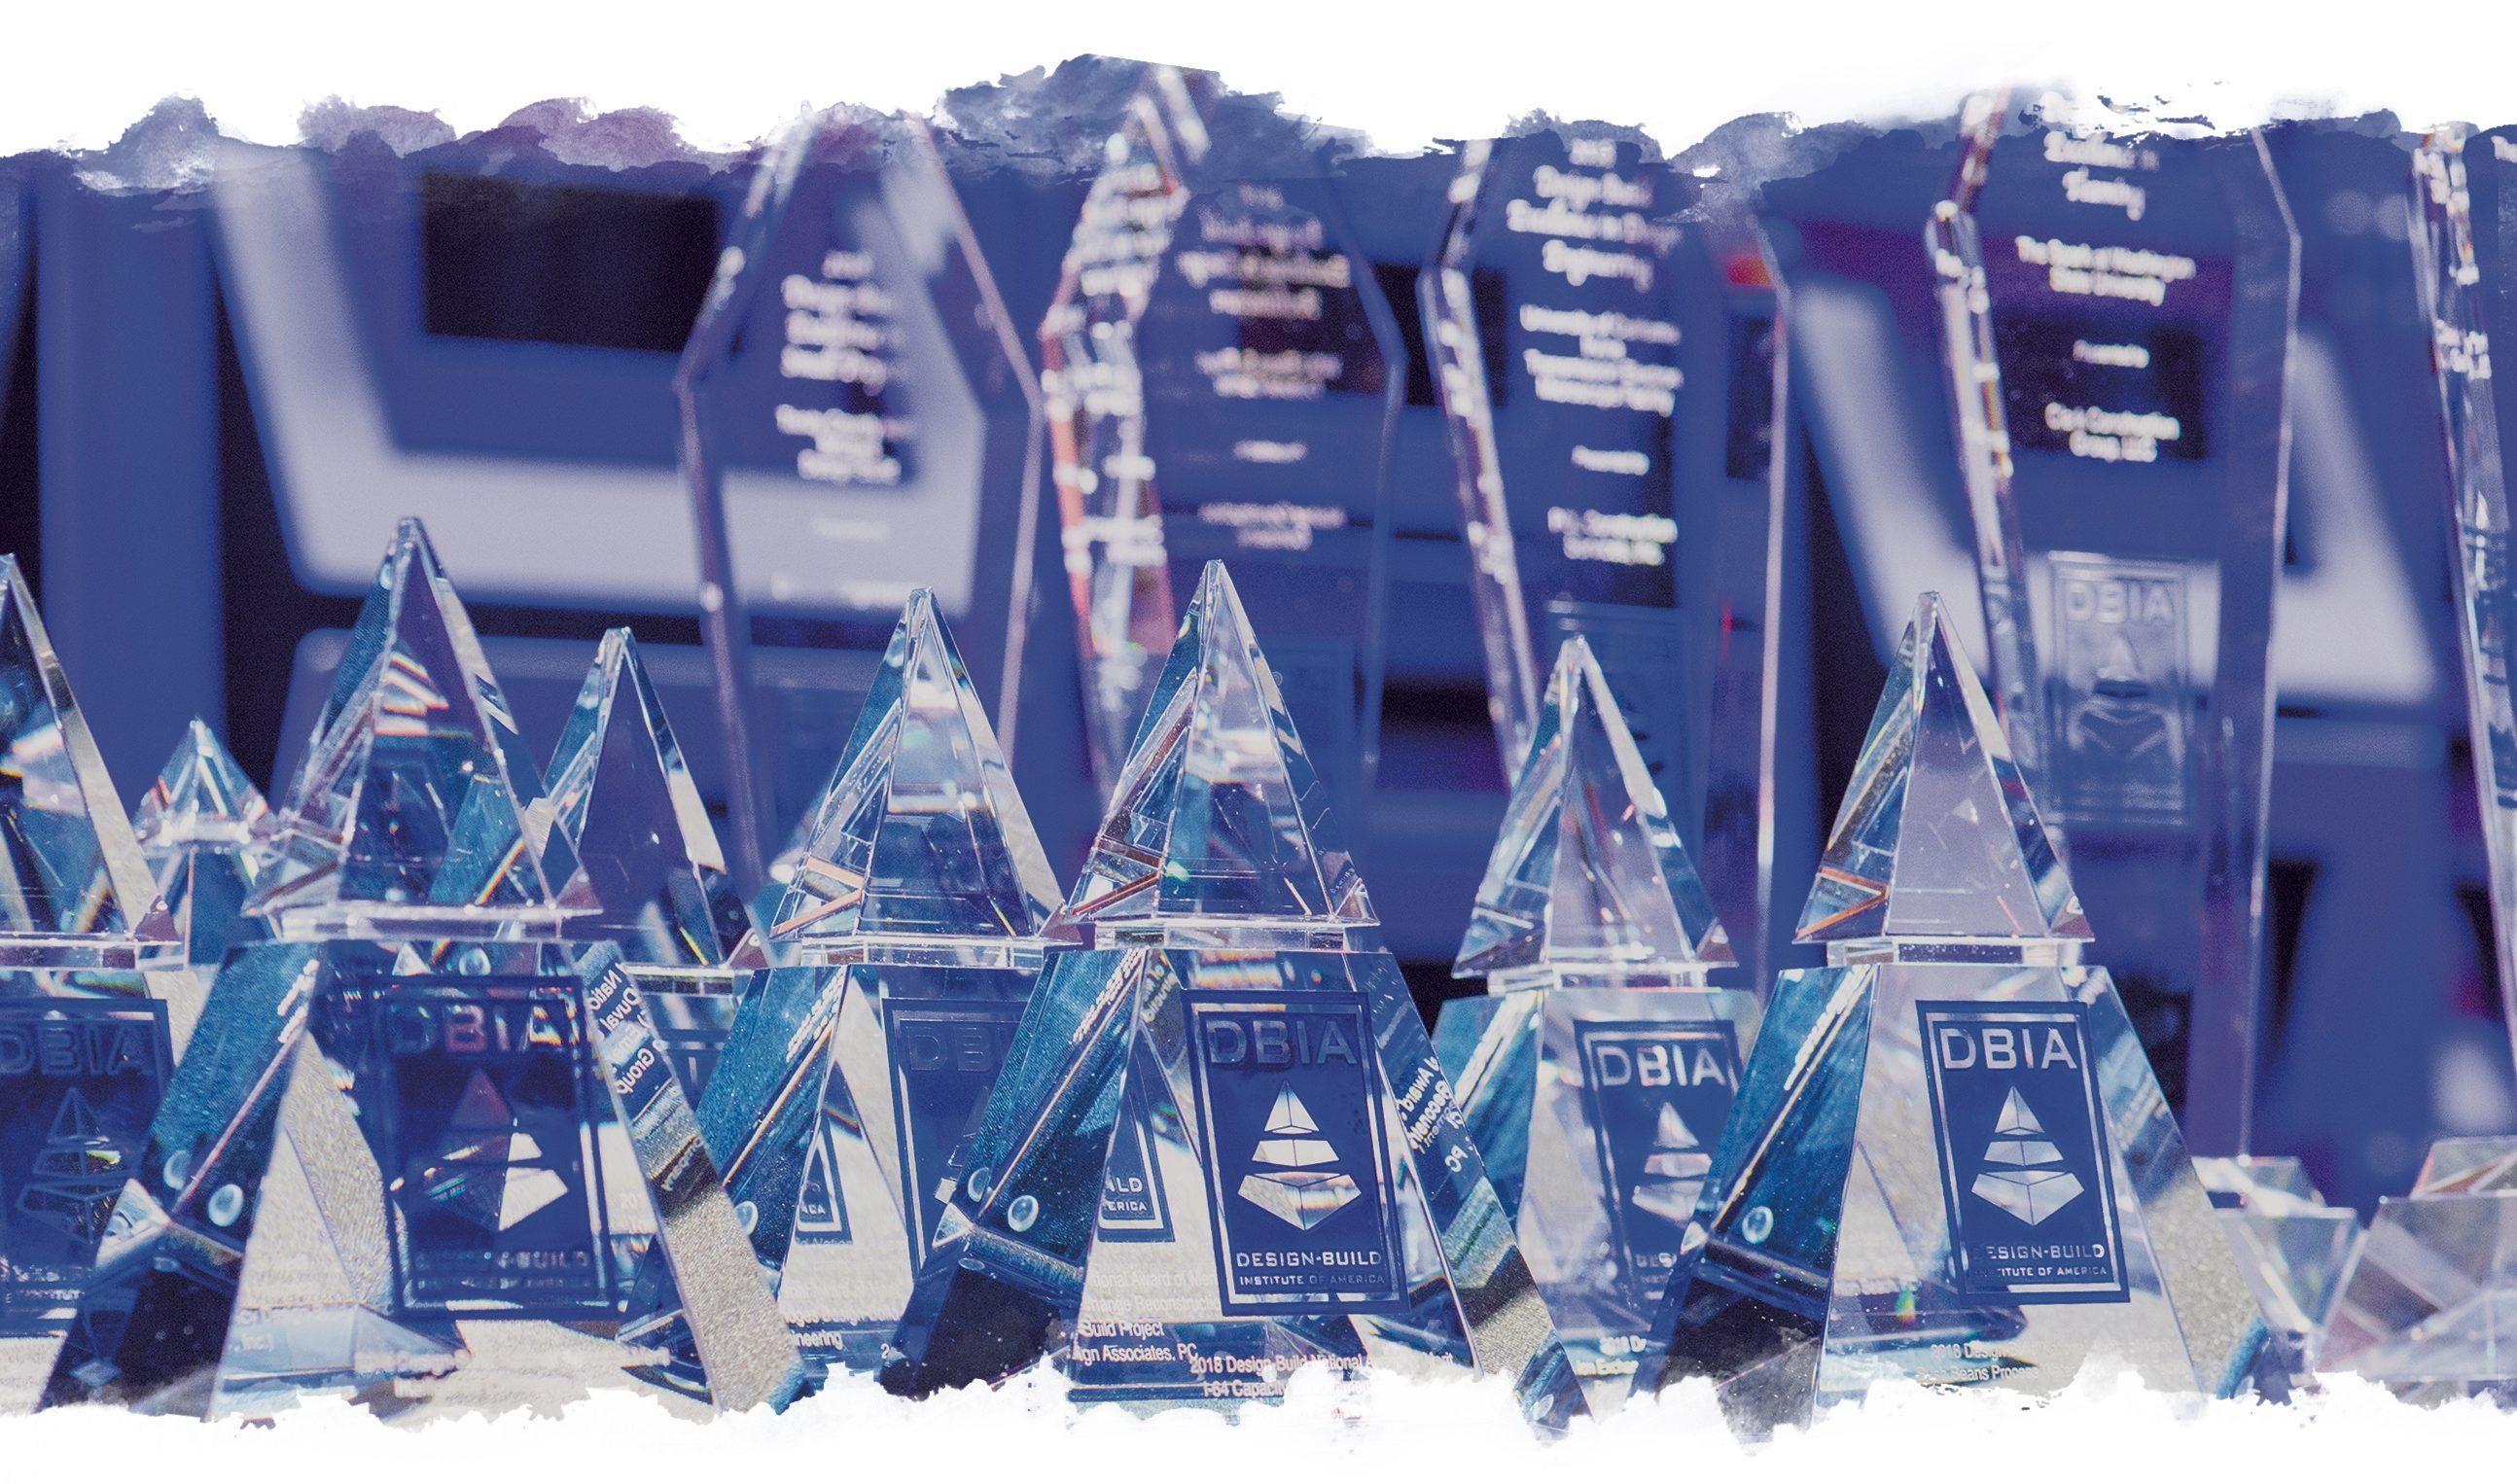 dbia awards 2020